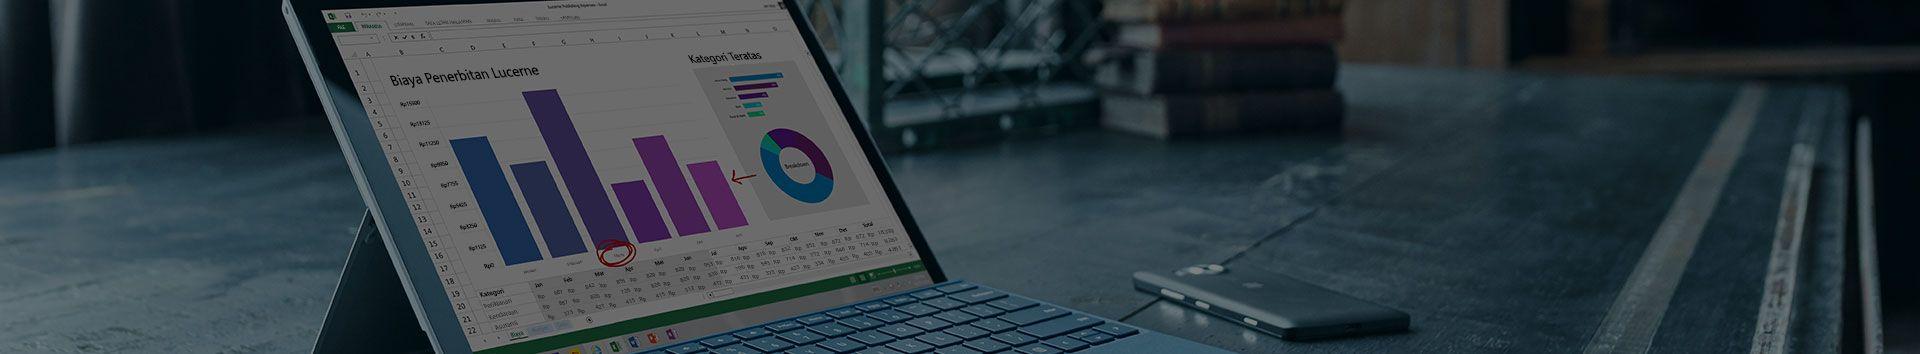 Tablet Microsoft Surface menampilkan laporan pengeluaran di Microsoft Excel